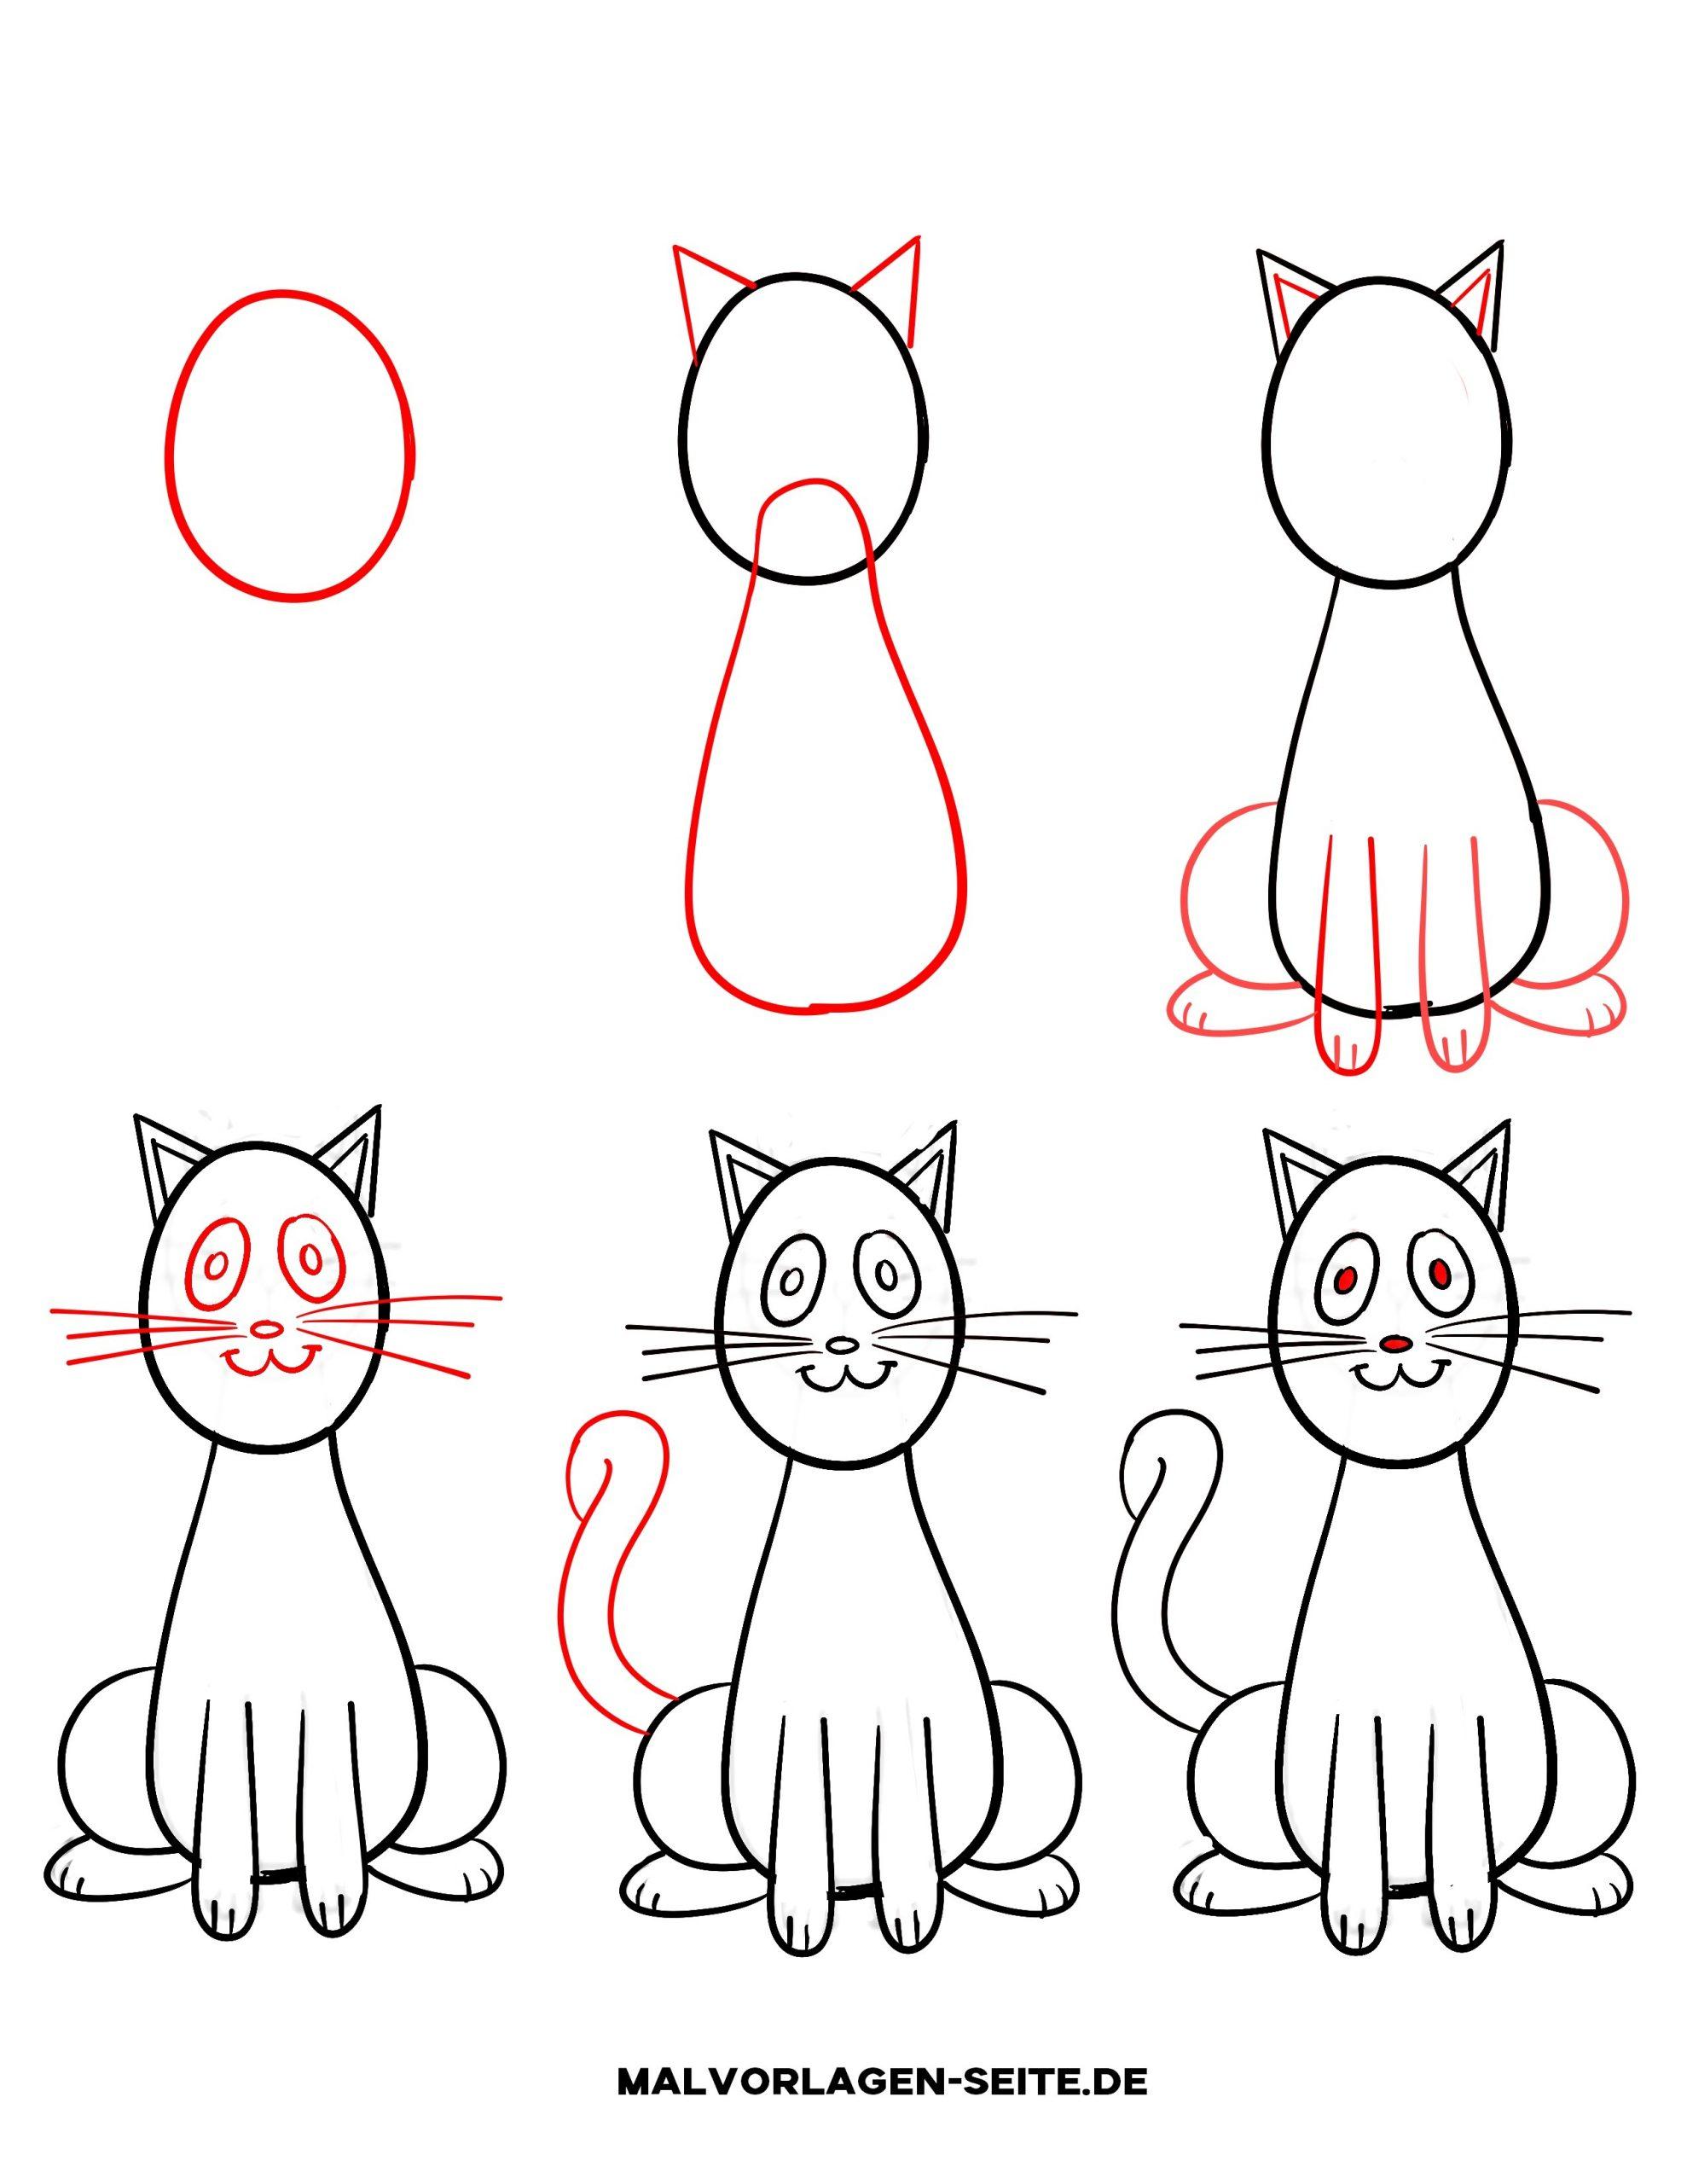 Wie Zeichnet Man Eine Katze - Ausmalbilder Kostenlos verwandt mit Katze Zeichnen Lernen